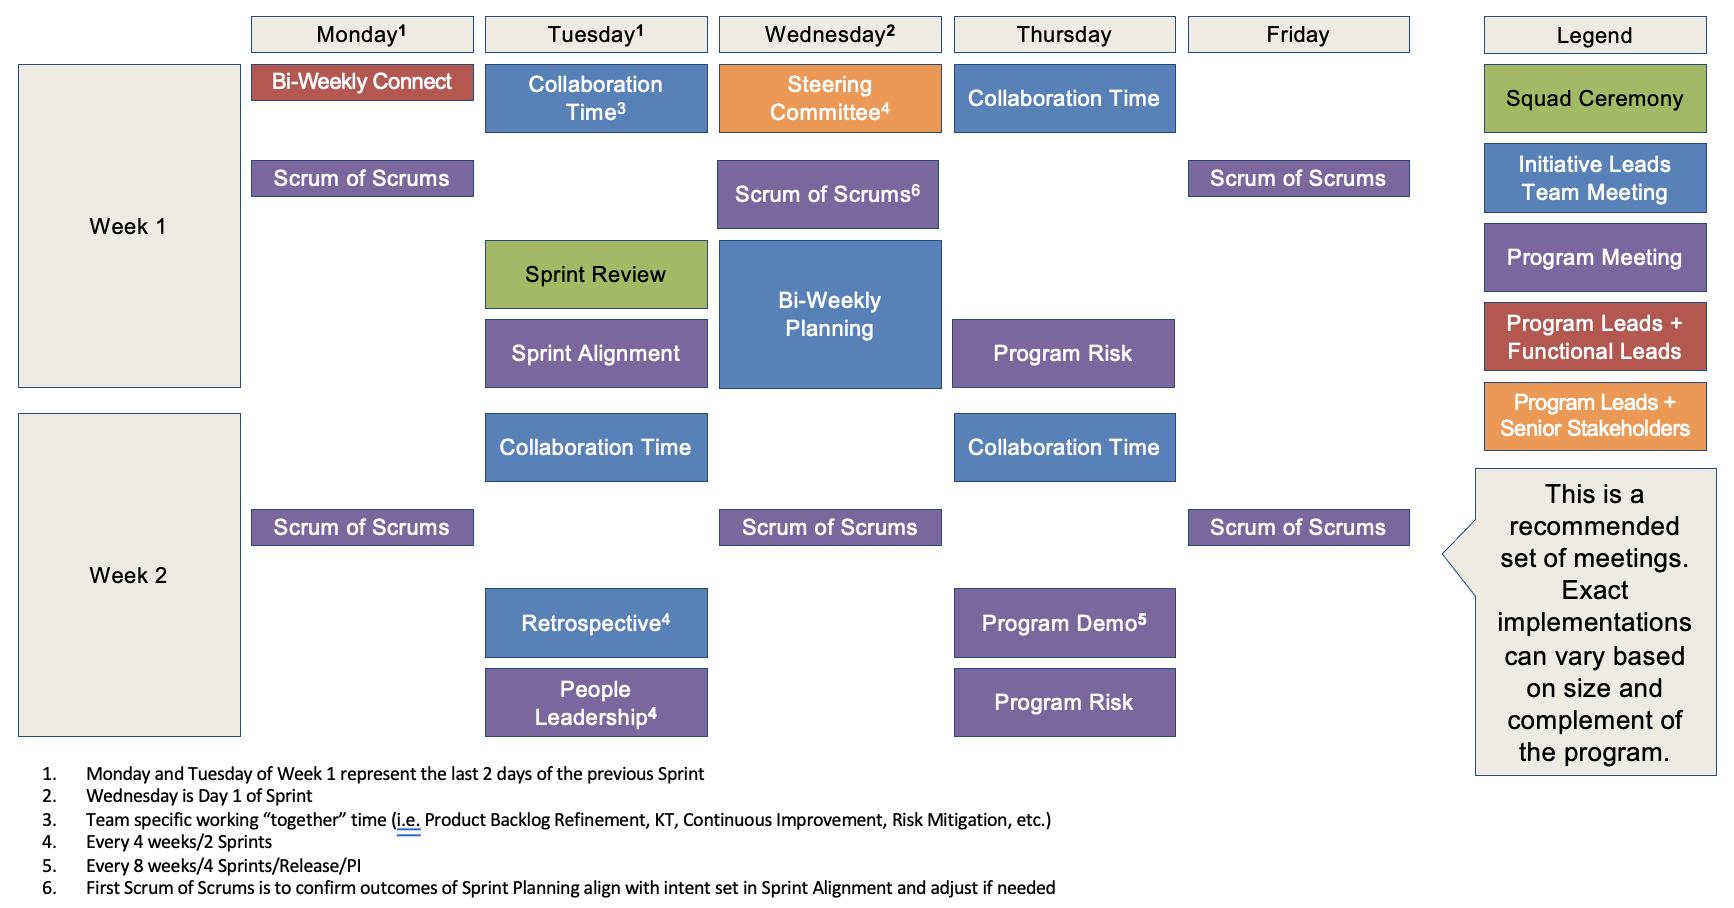 Agile Delivery Playbook - Program Leadership Meeting Schedule